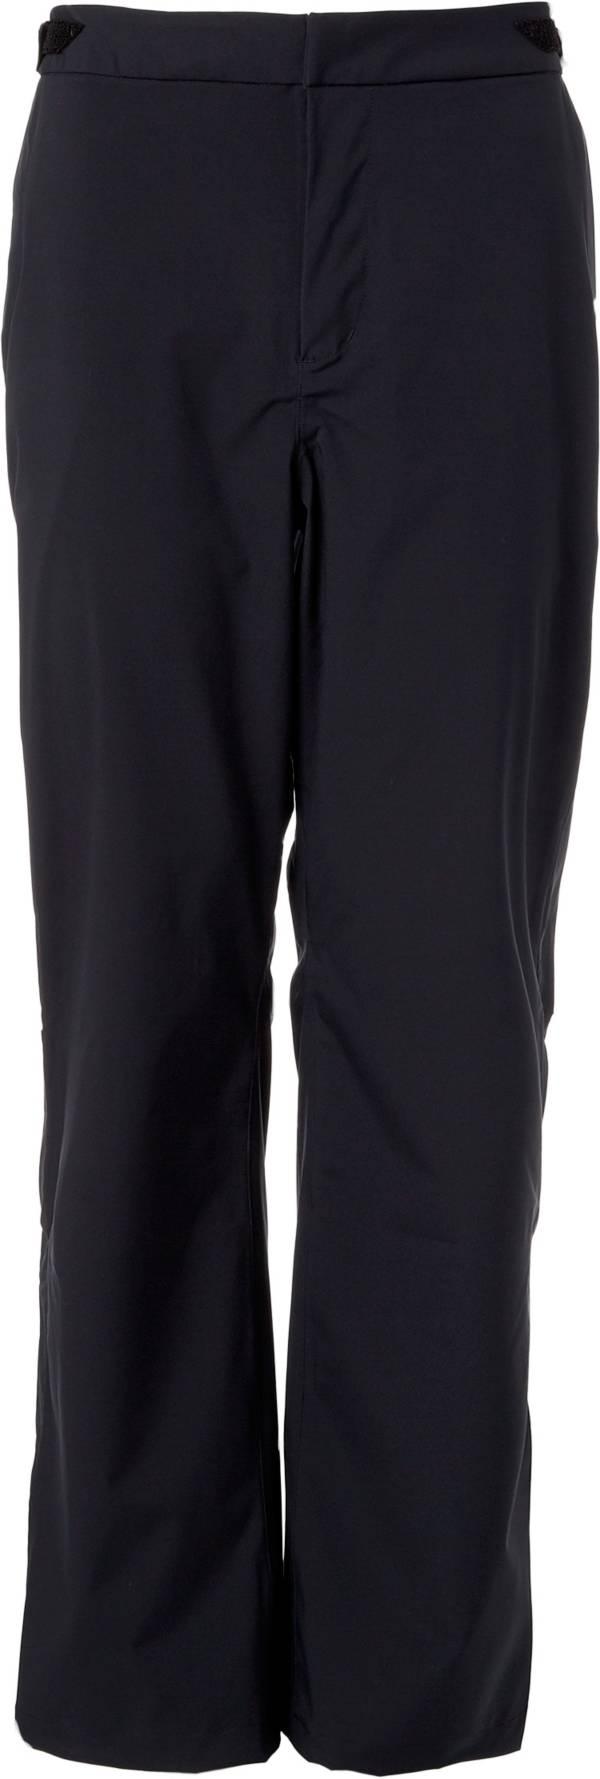 Under Armour Men's Golf Rain Pants product image